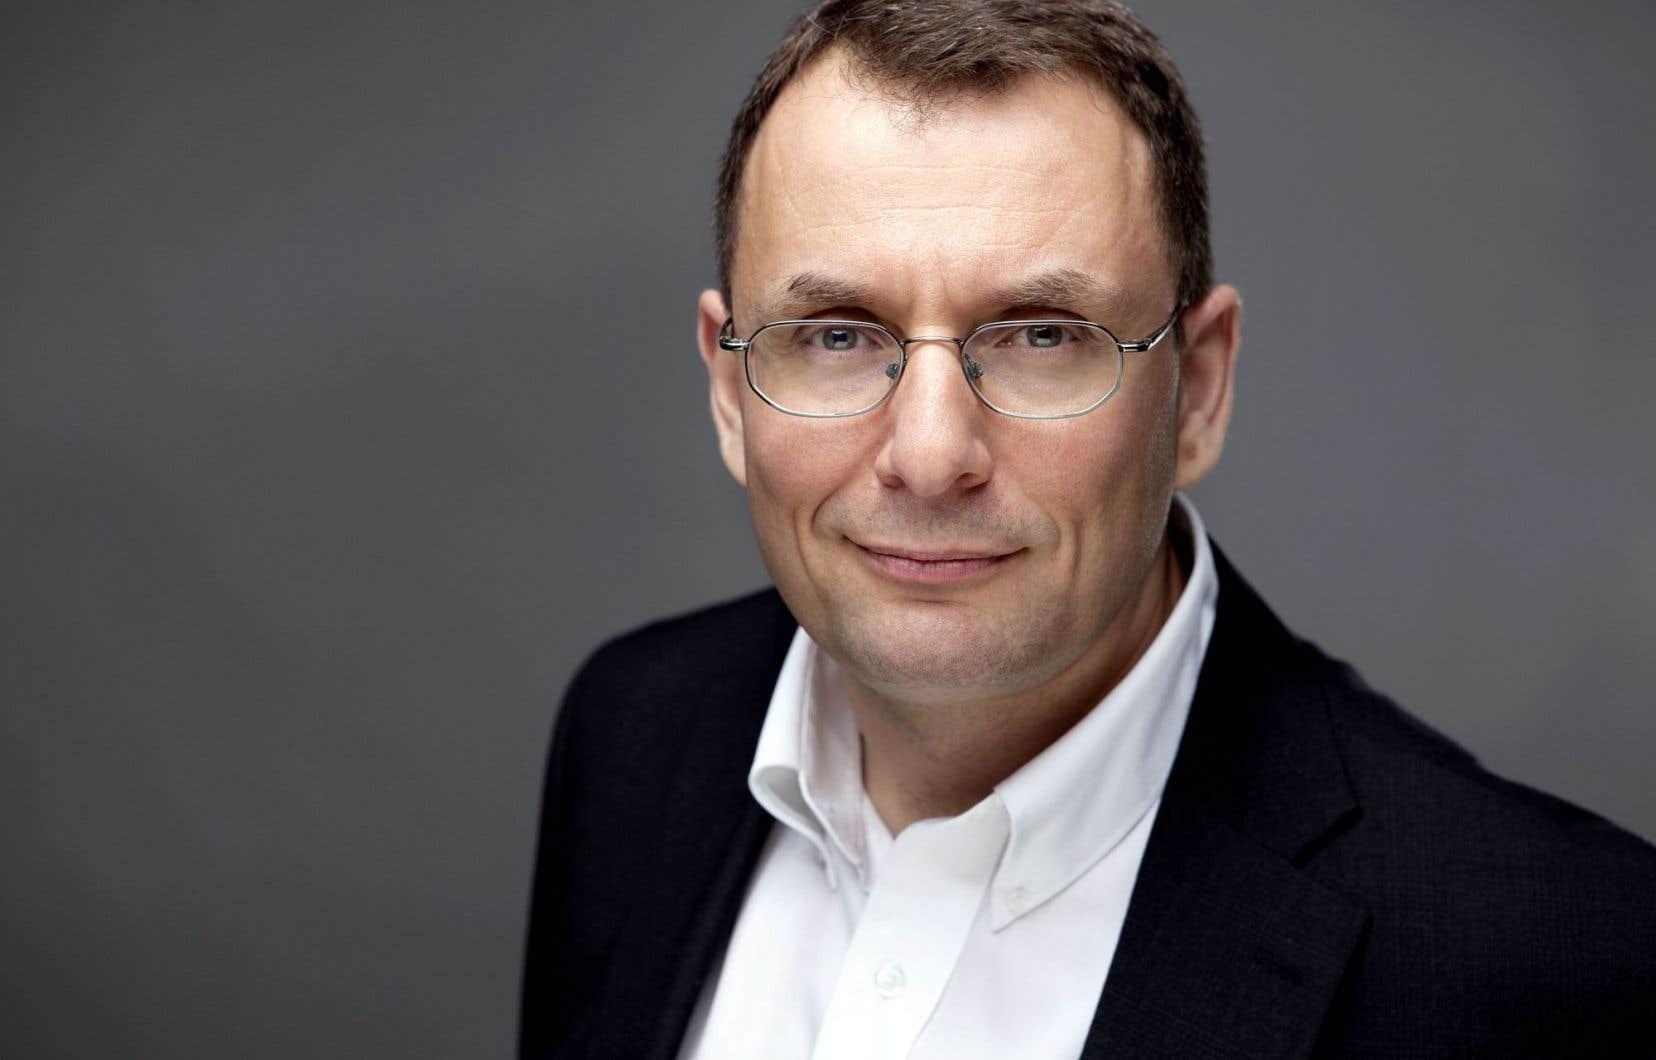 Antonello Callimaci, comptable de formation et vice-doyen aux études de l'ESG